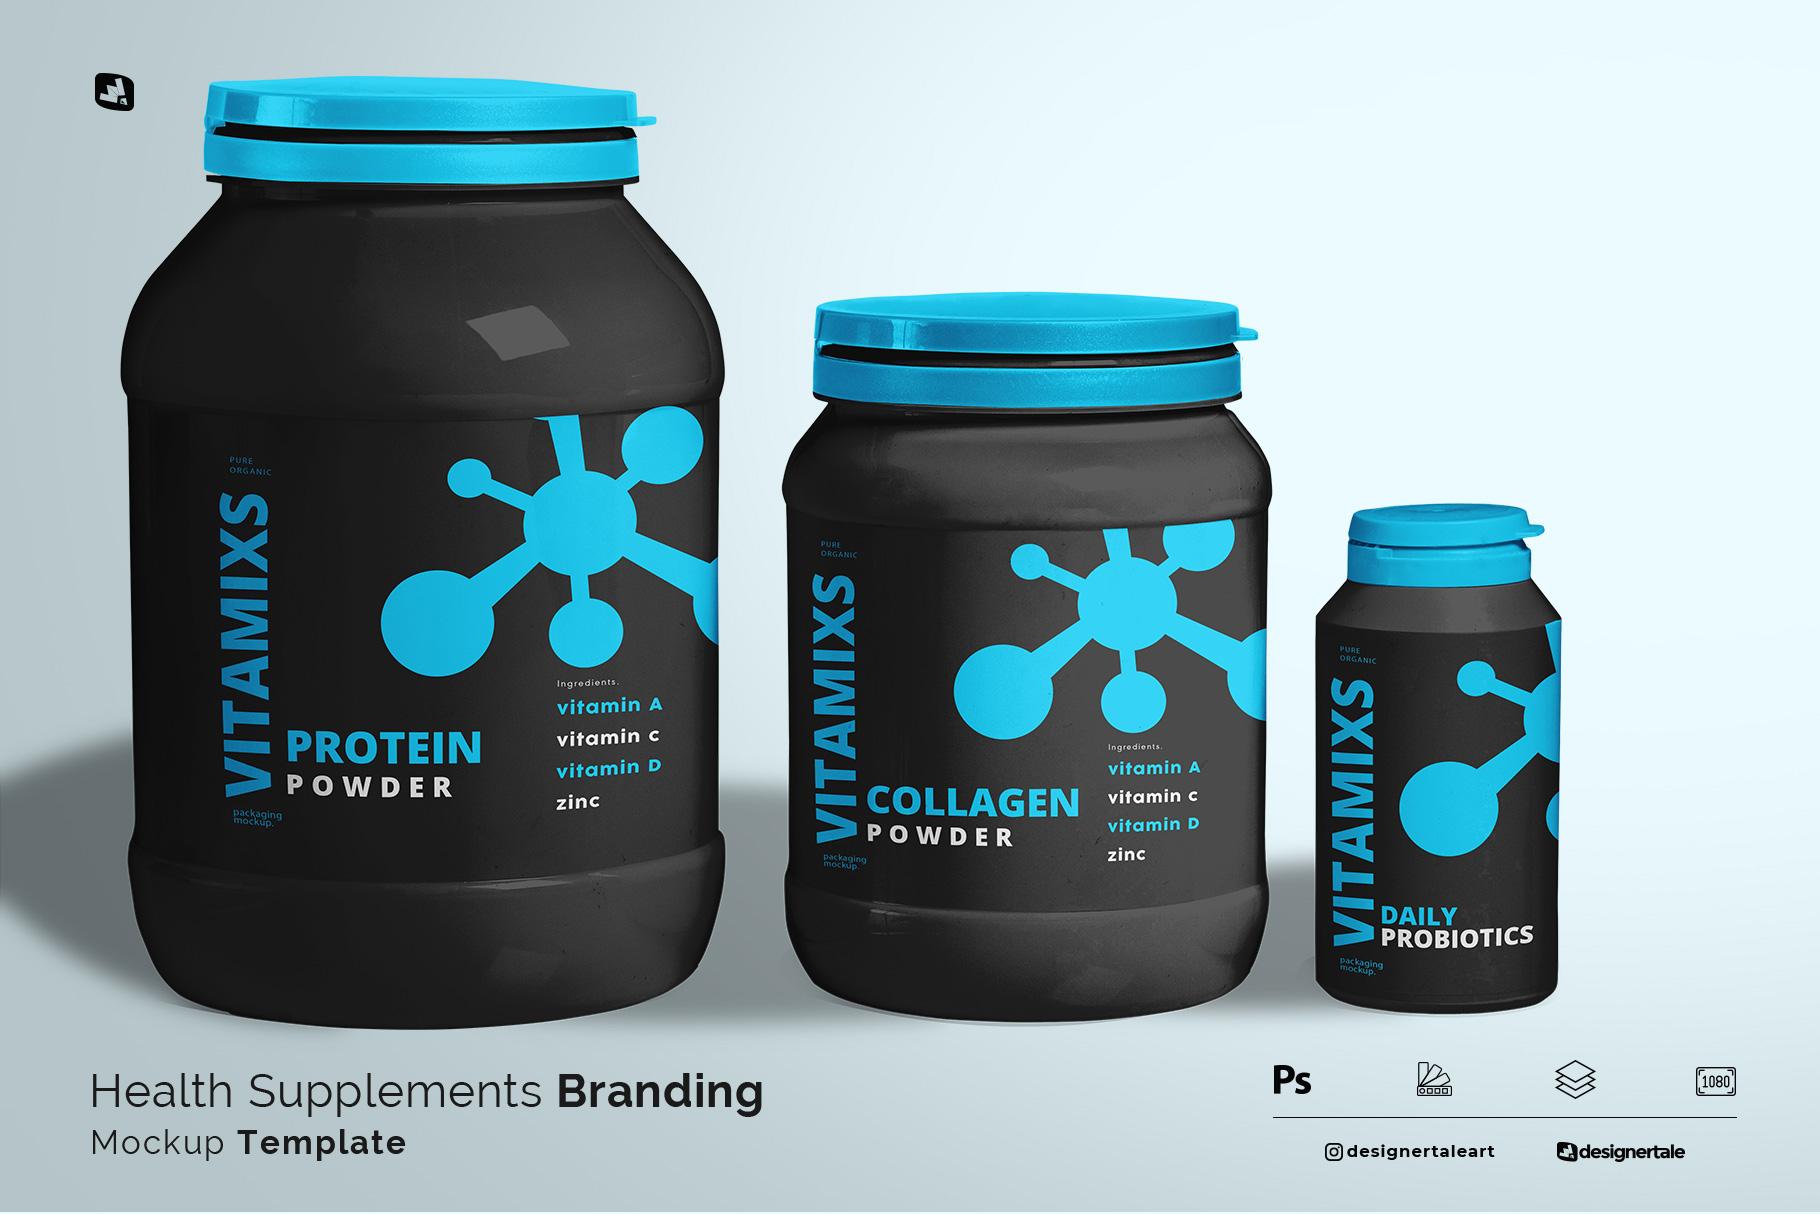 health supplements branding mockup